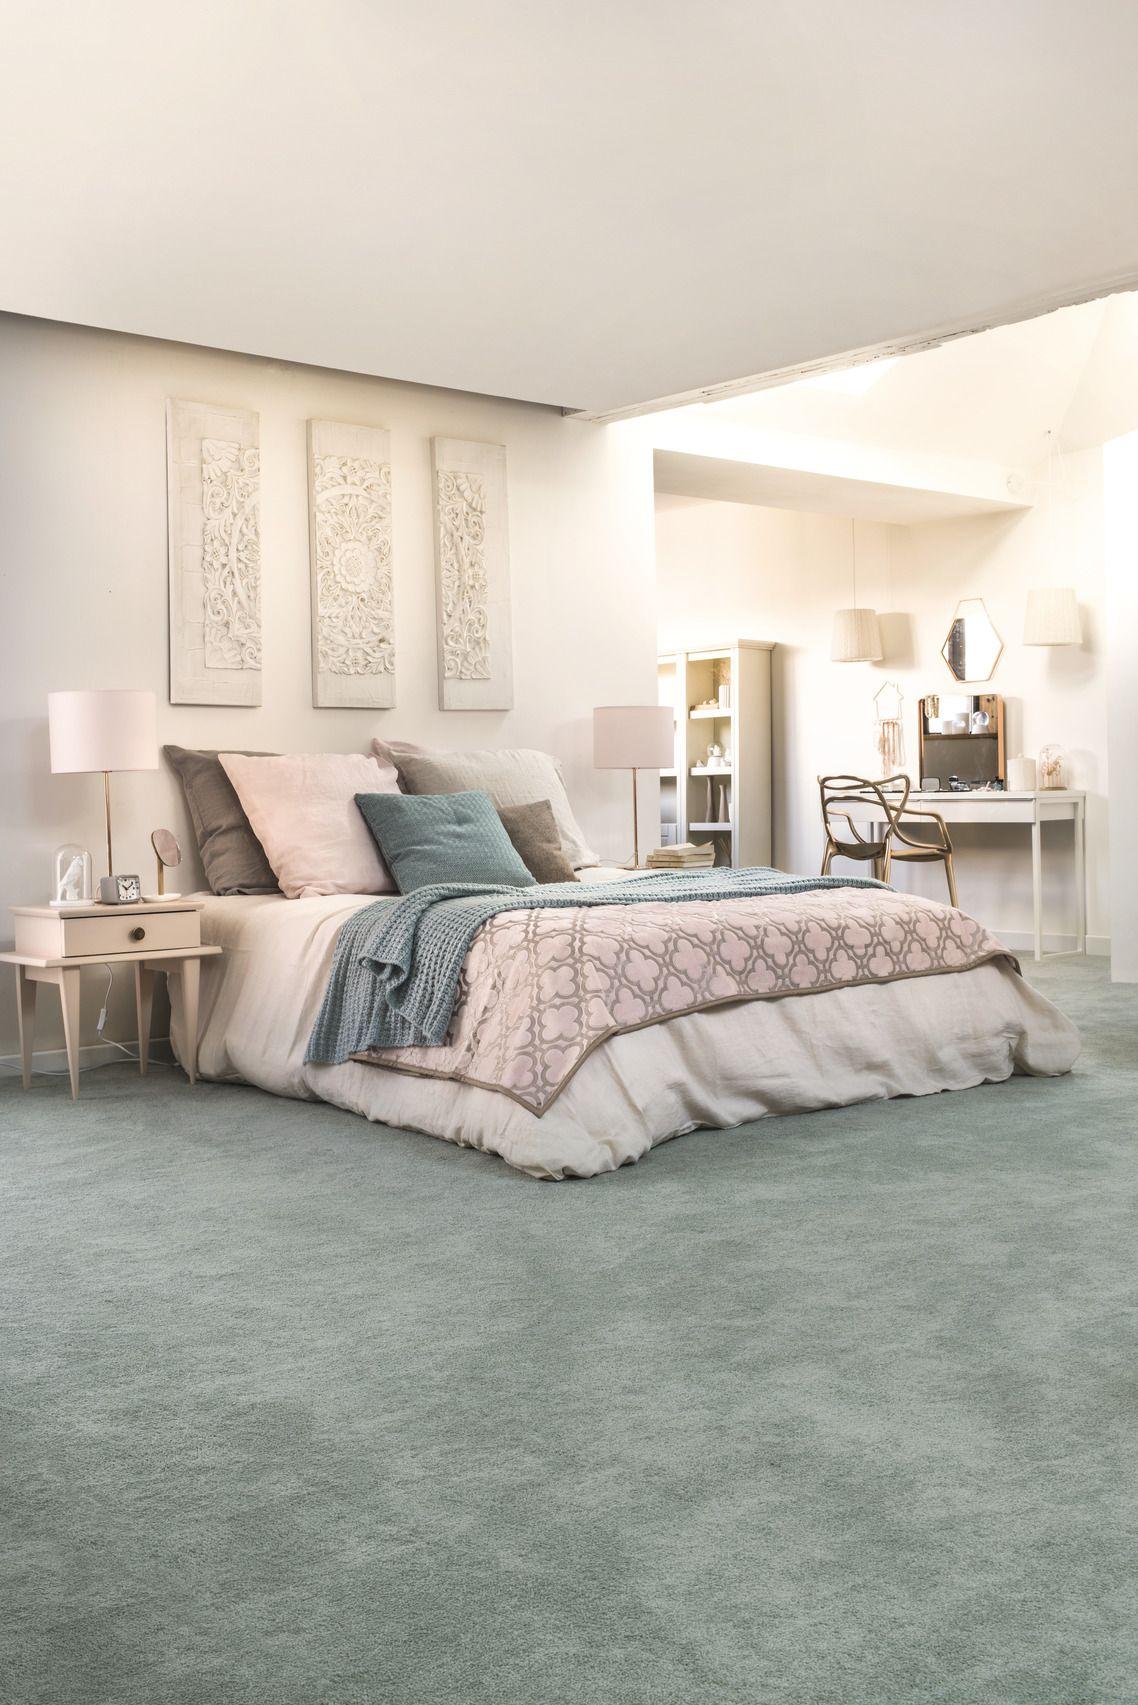 sublime chambre parents parents et chambres. Black Bedroom Furniture Sets. Home Design Ideas